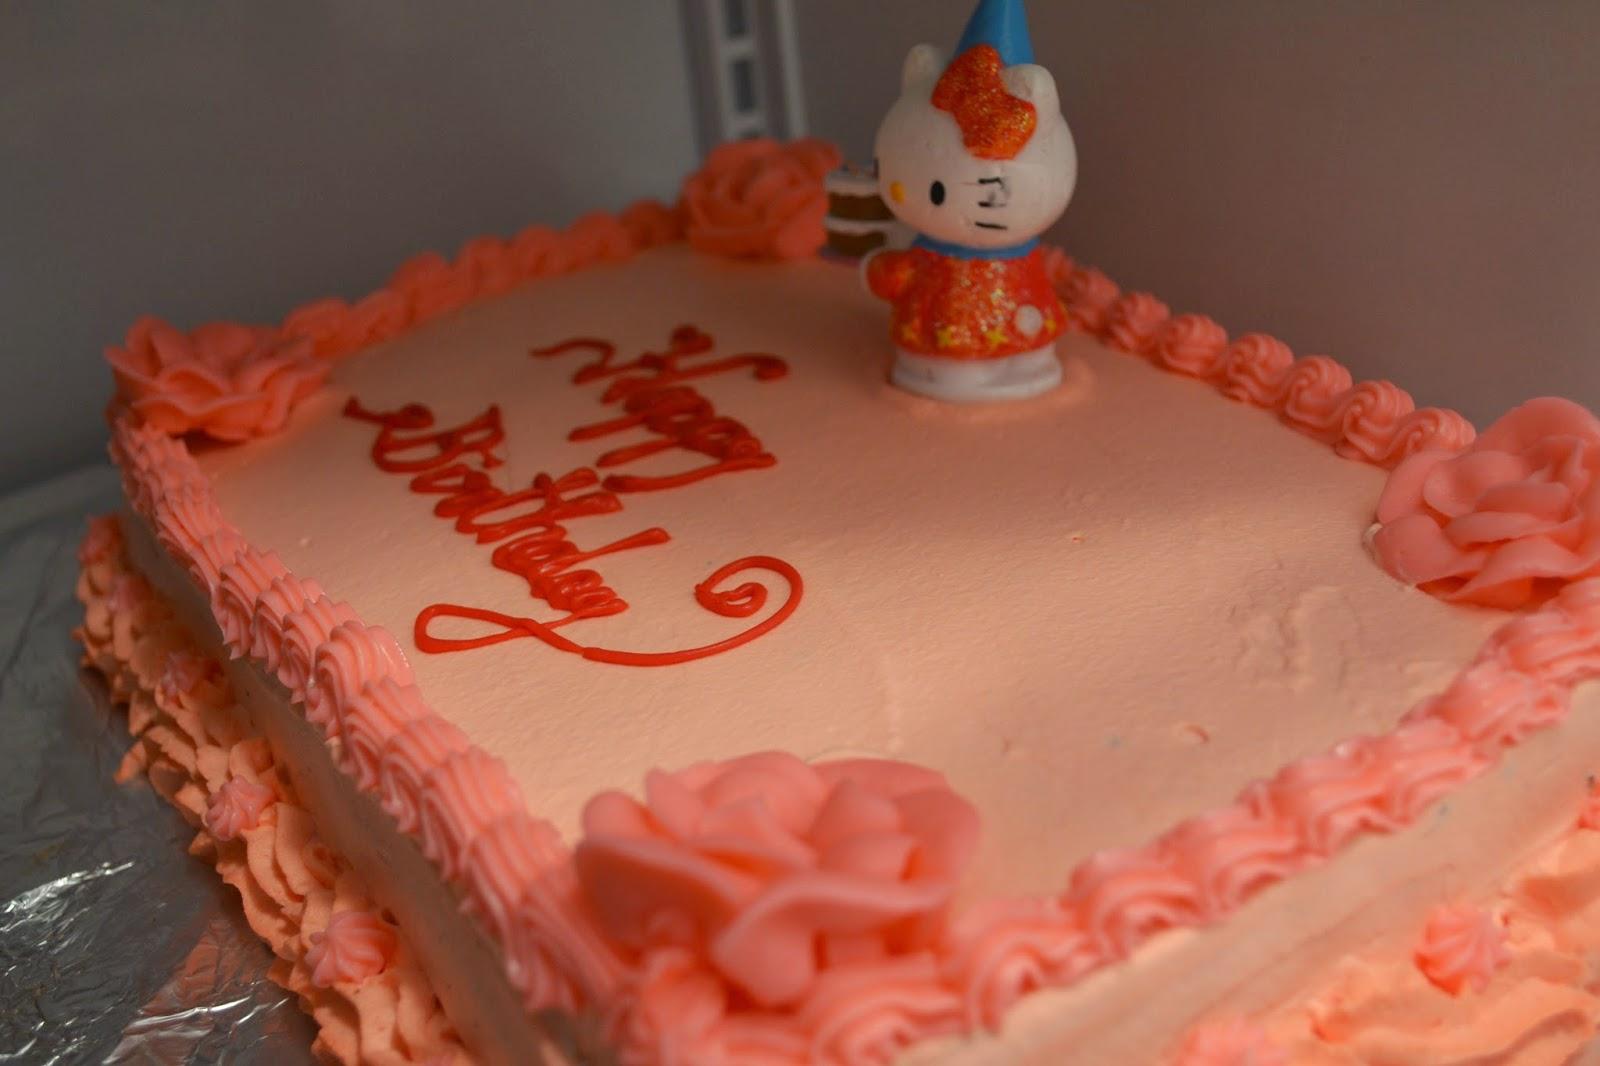 My Treasures Hello Kitty chocolate vanilla cake with whipped cream